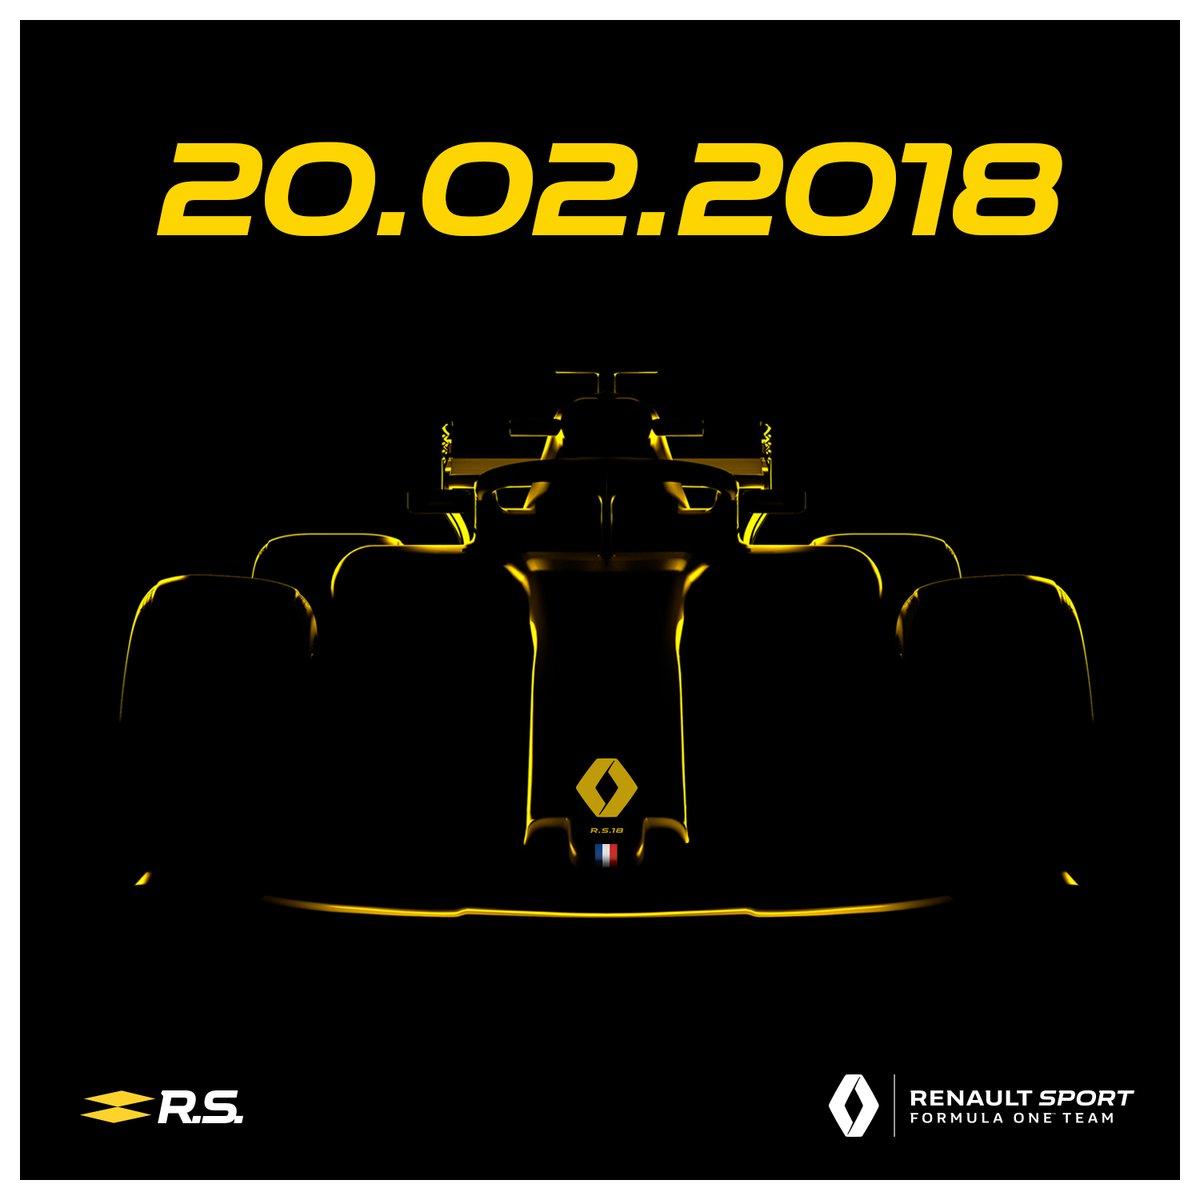 Renault otkrio datum predstavljanja bolida